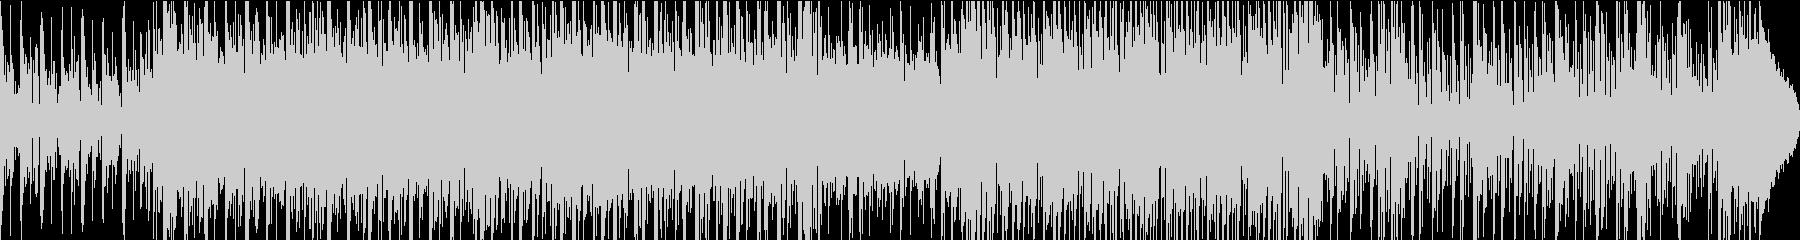 実験的 ロック ポストロック スポ...の未再生の波形